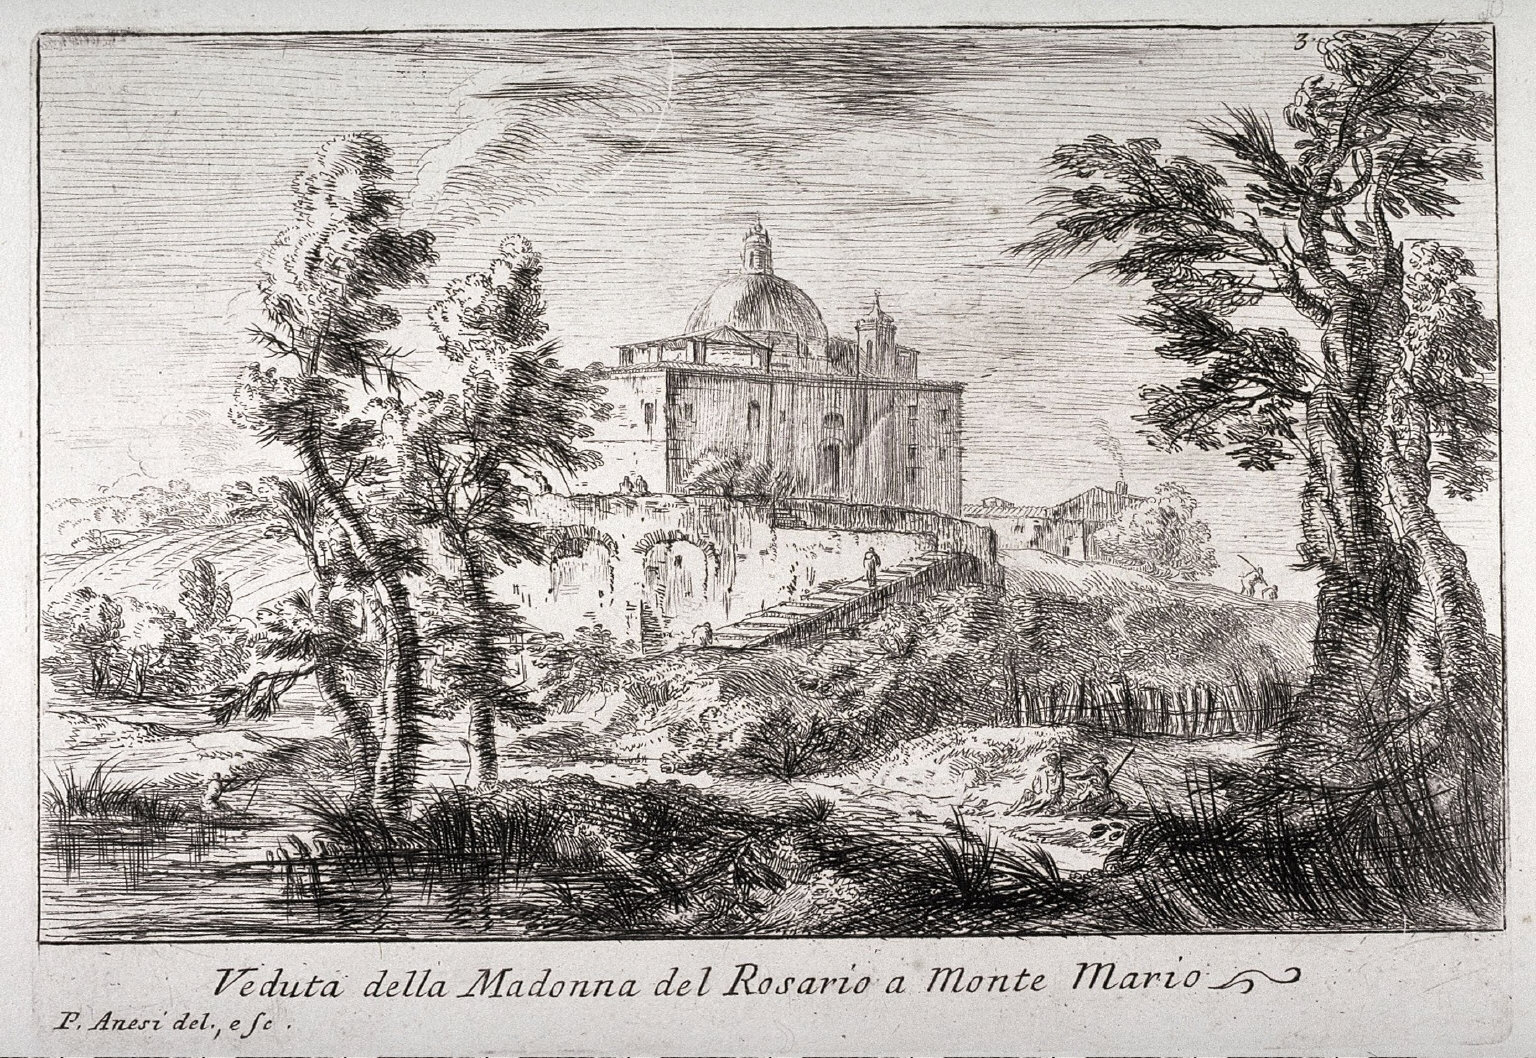 Veduta della Madonna del Rosario a Monte Maria, from the series Varie vedute di Roma (Different Views of Rome)